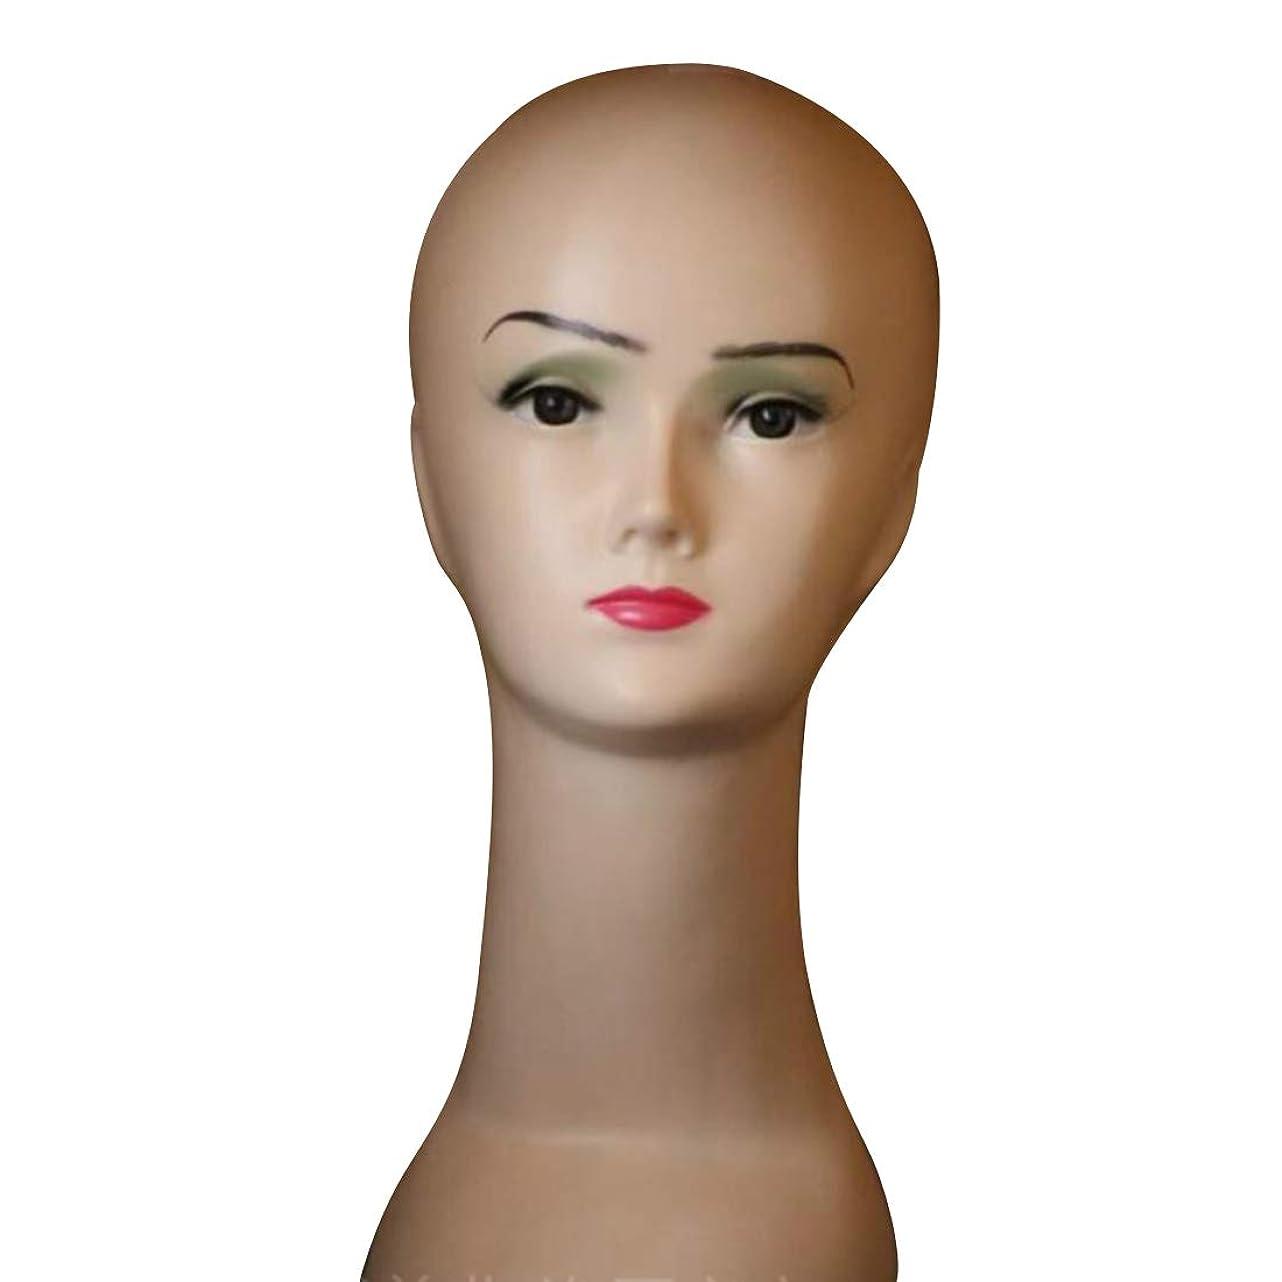 経度明らか参照する偽の開発は、マネキンの女性モデルのヘッドショーのかつら&キャップ - PVCヘッドモールドを埋めたことを示しています モデリングツール (色 : ブラウン)